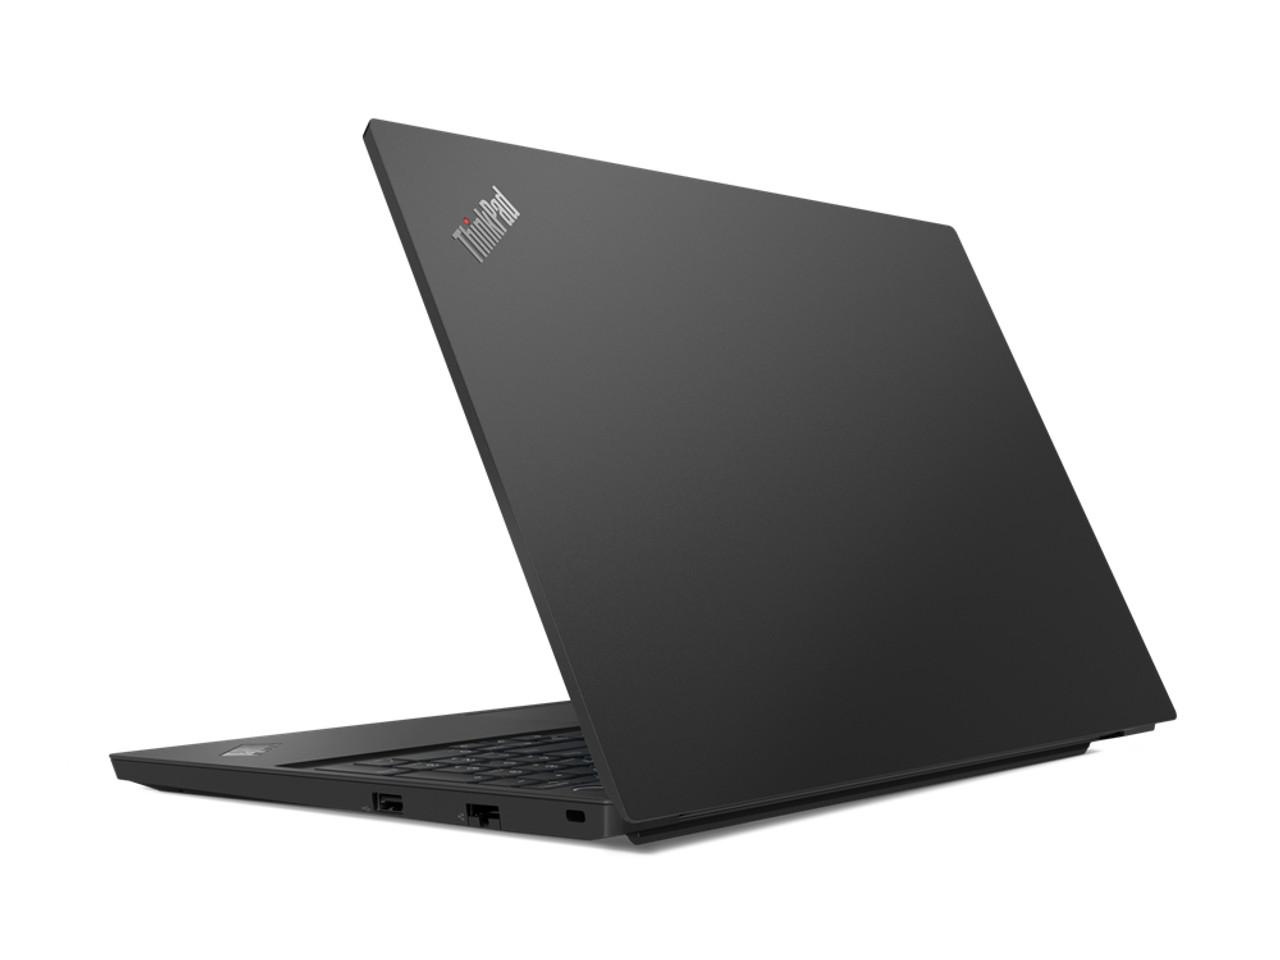 Lenovo Thinkpad E15 15 6 Display Intel I5 8gb Ram 1tb Hdd Windows 10 Pro 20rd005gus